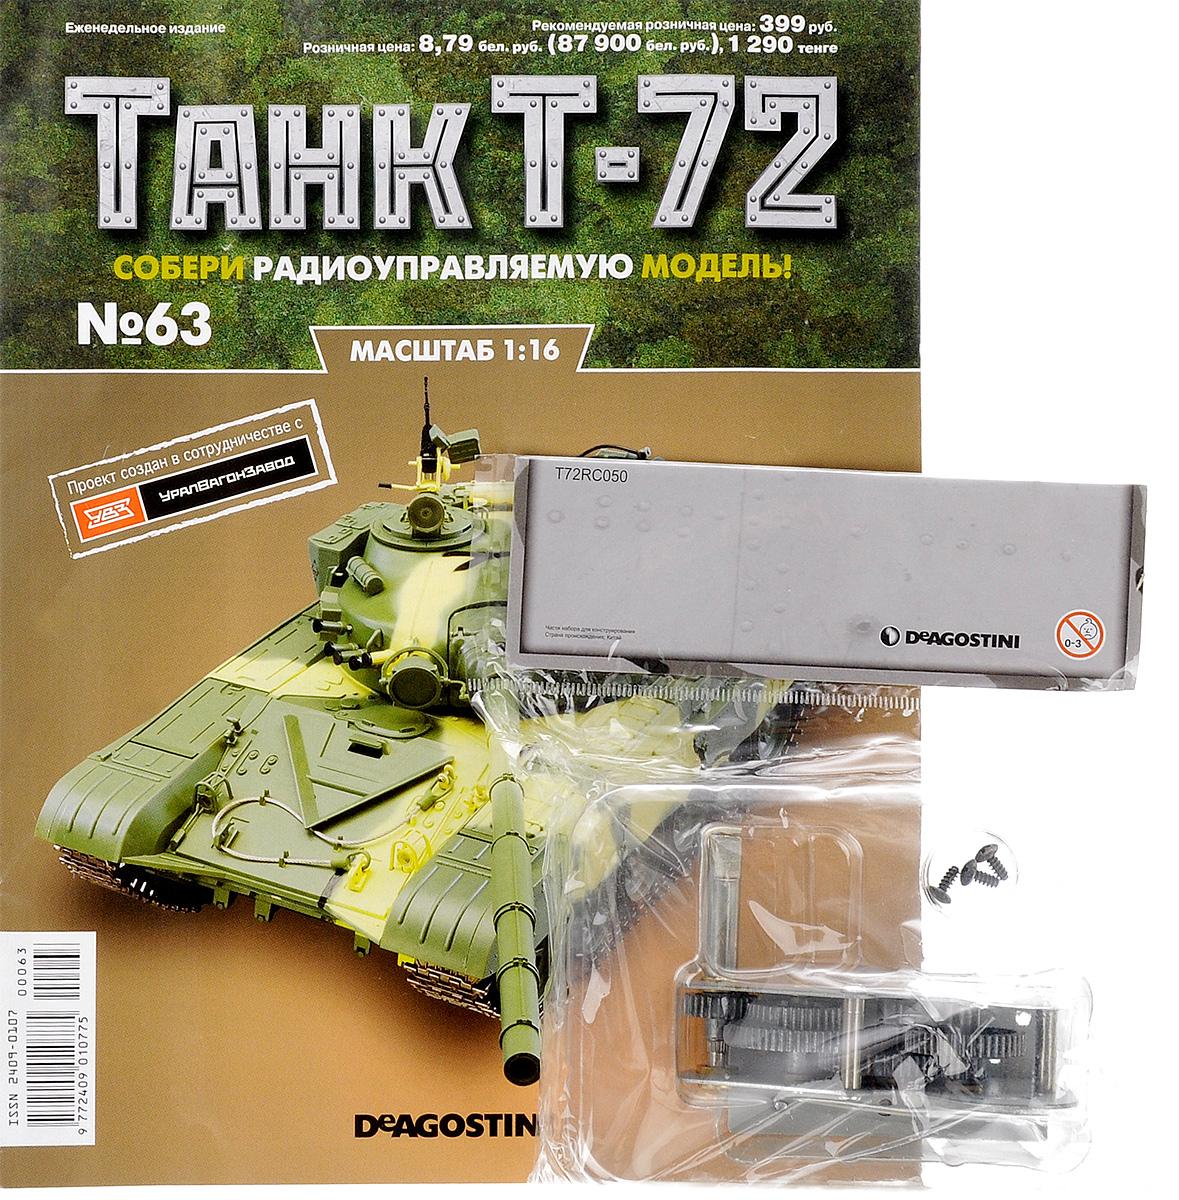 Журнал Танк Т-72 №63TRC063Перед вами - журнал из уникальной серии партворков Танк Т-72 с увлекательной информацией о легендарных боевых машинах и элементами для сборки копии танка Т-72 в уменьшенном варианте 1:16. У вас есть возможность собственноручно создать высококачественную модель этого знаменитого танка с достоверным воспроизведением всех элементов, сохранением функций подлинной боевой машины и дистанционным управлением. В комплект с номером входят: . 1. Редуктор (левый) 2. Винты (3 шт.) Категория 16+.